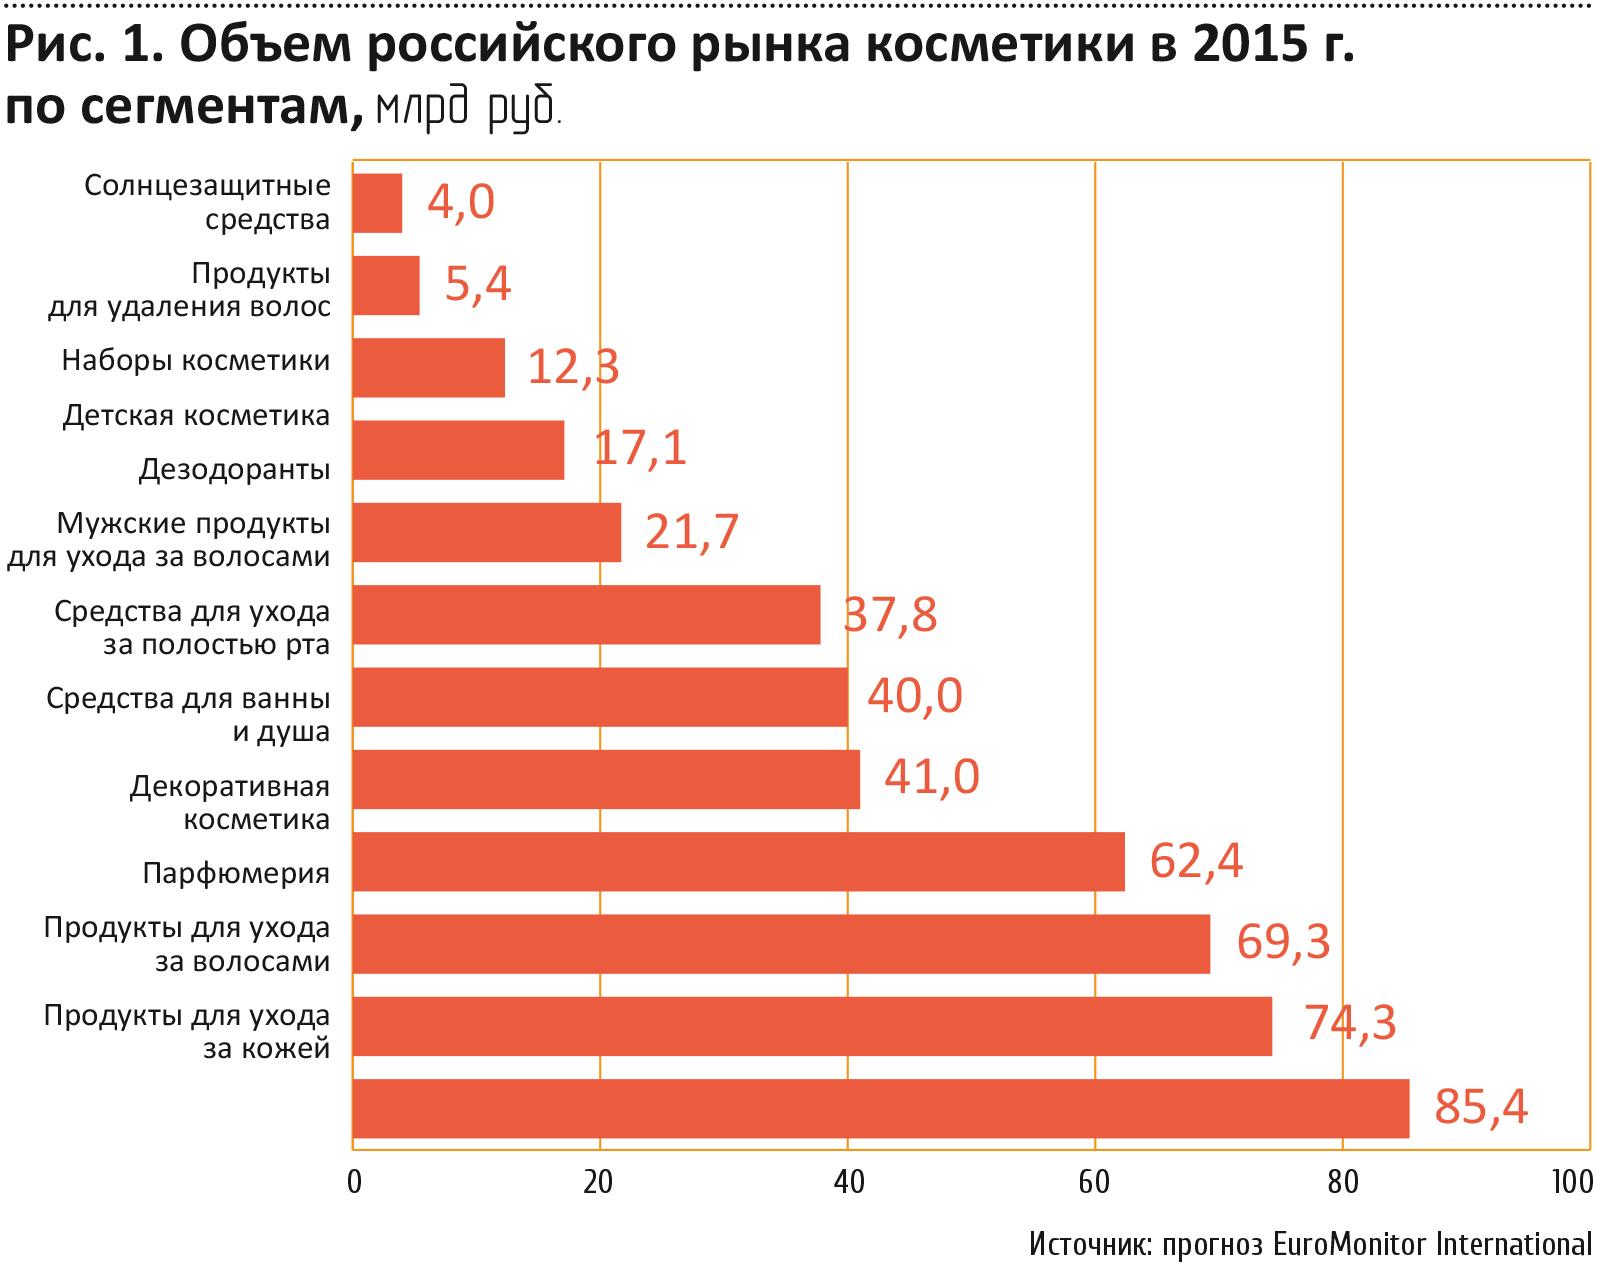 Российский рынок косметики доли рынков